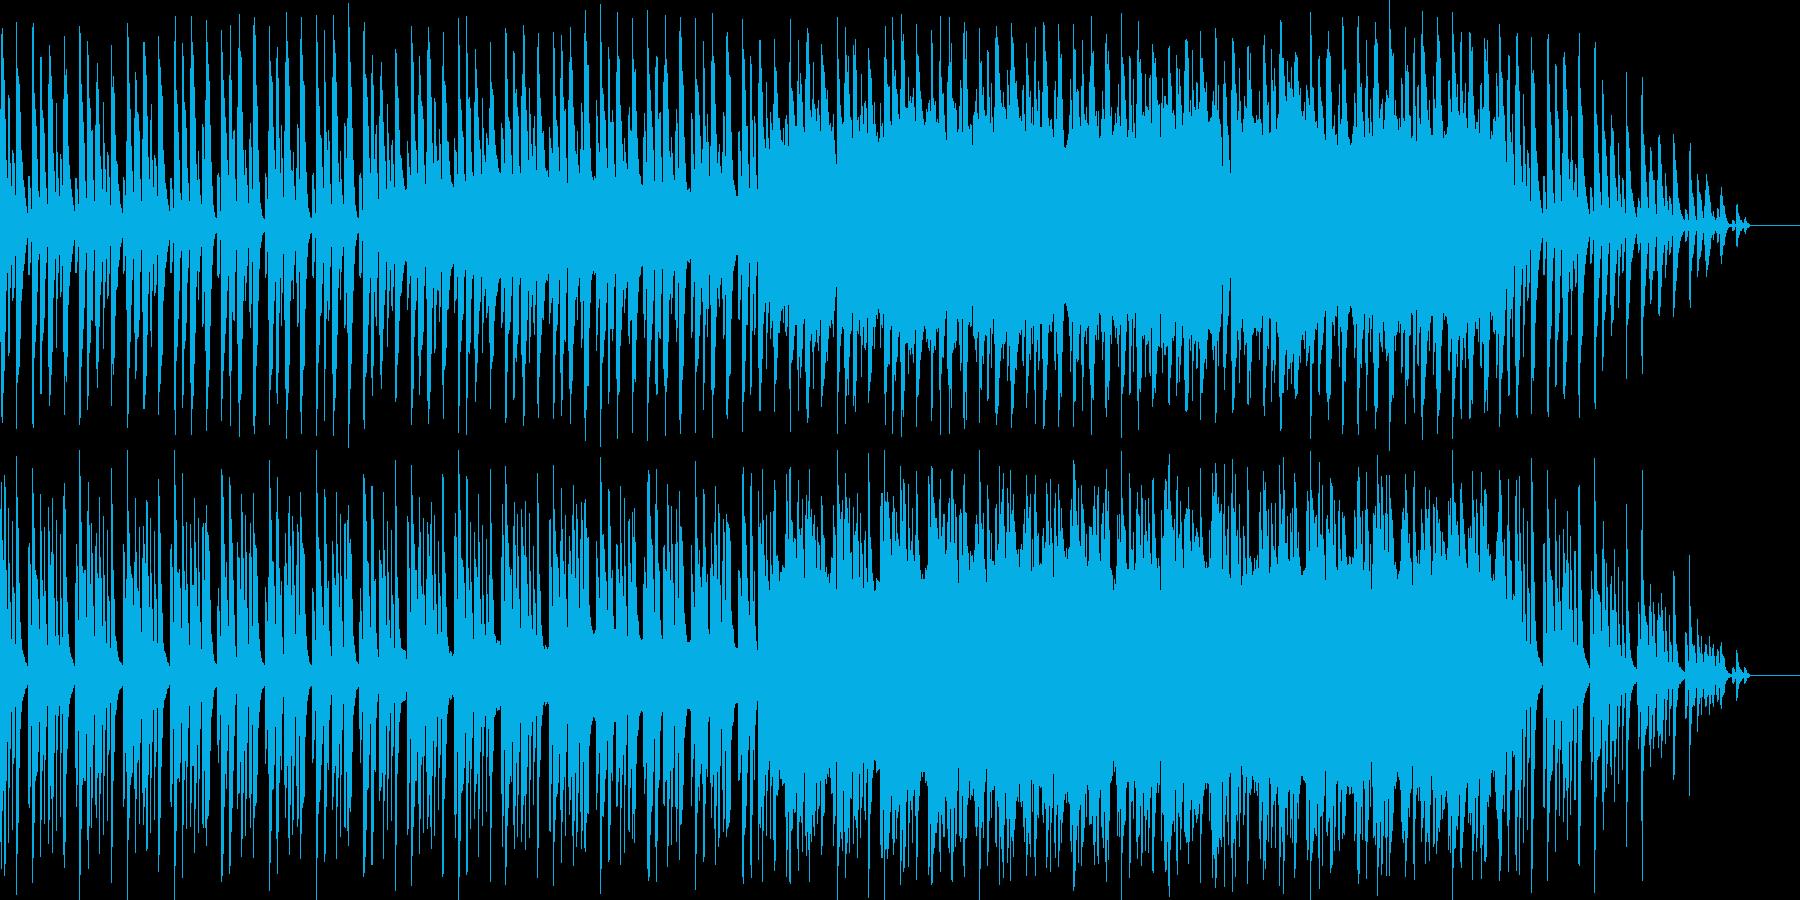 ほのぼの系パズルゲームのプレイ画面の再生済みの波形